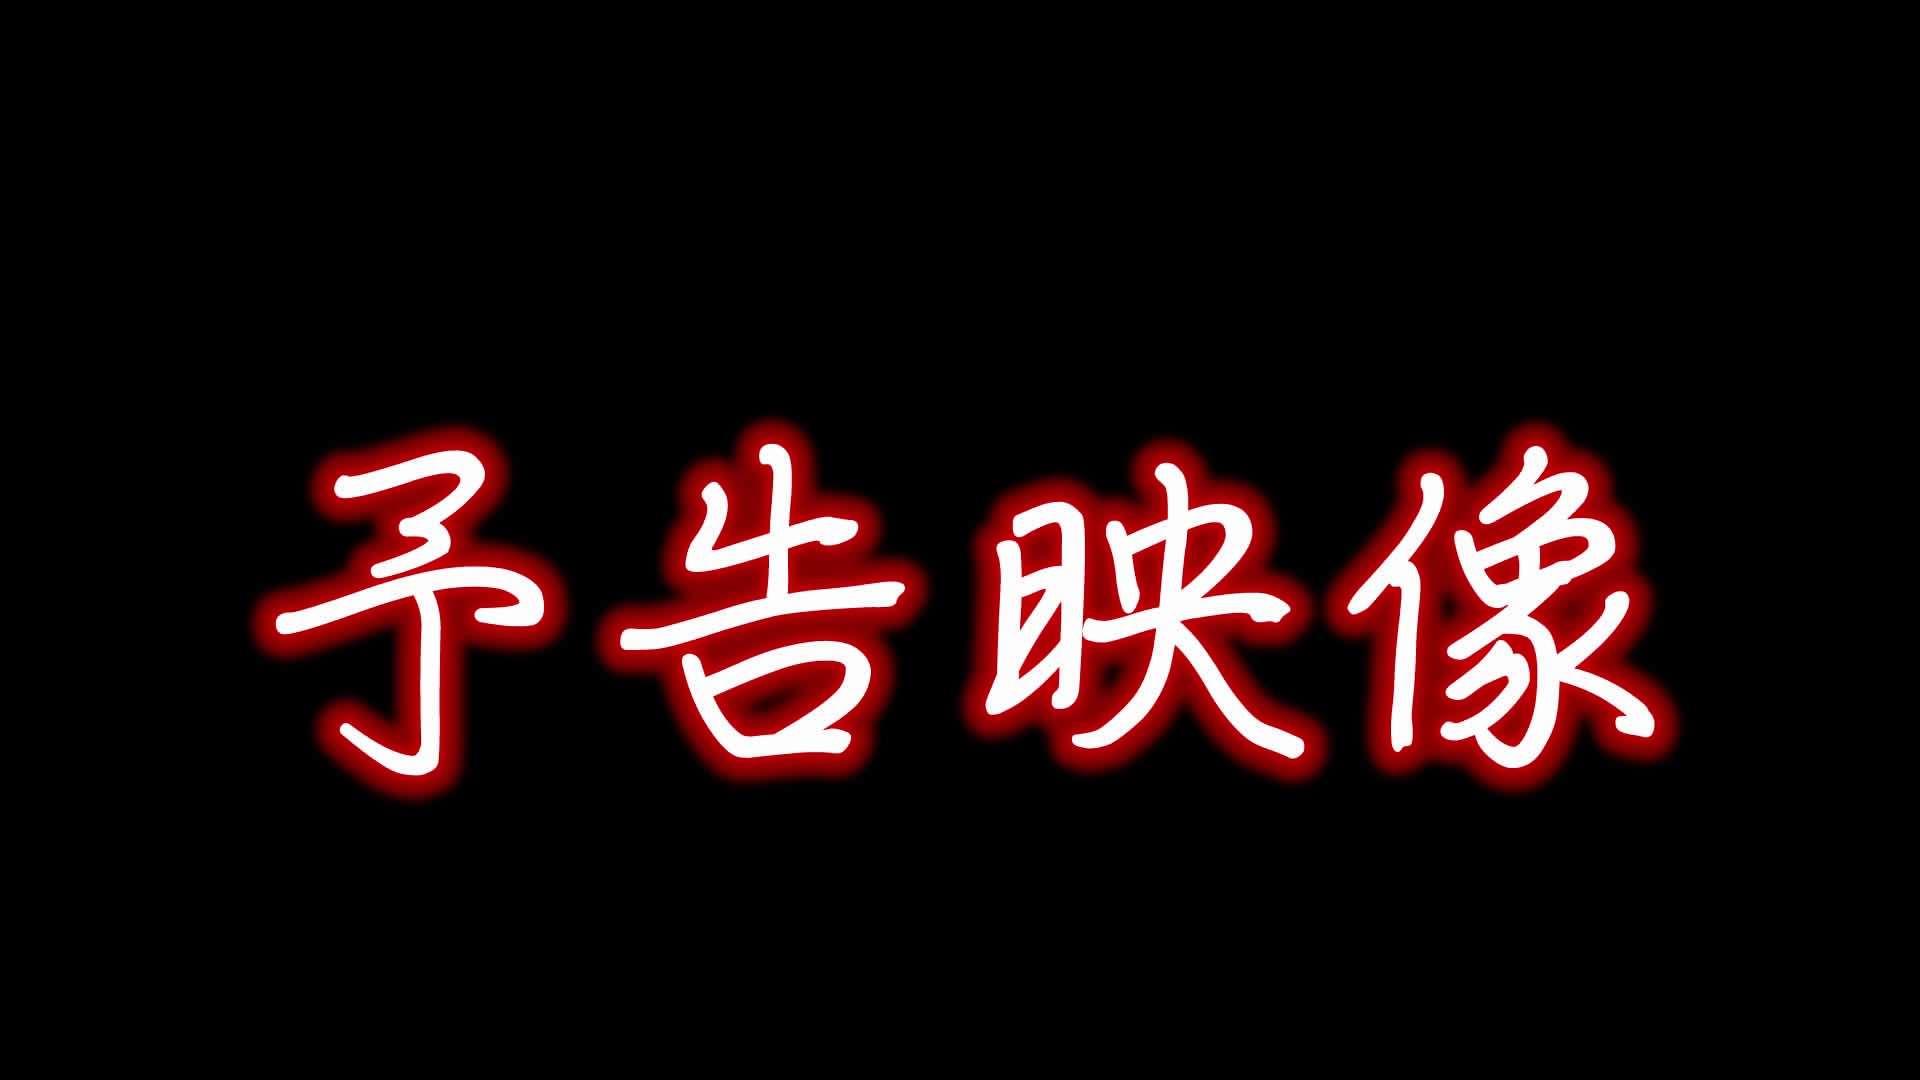 阿国ちゃんの「和式洋式七変化」No.17 盛合せ エロ無料画像 87画像 20